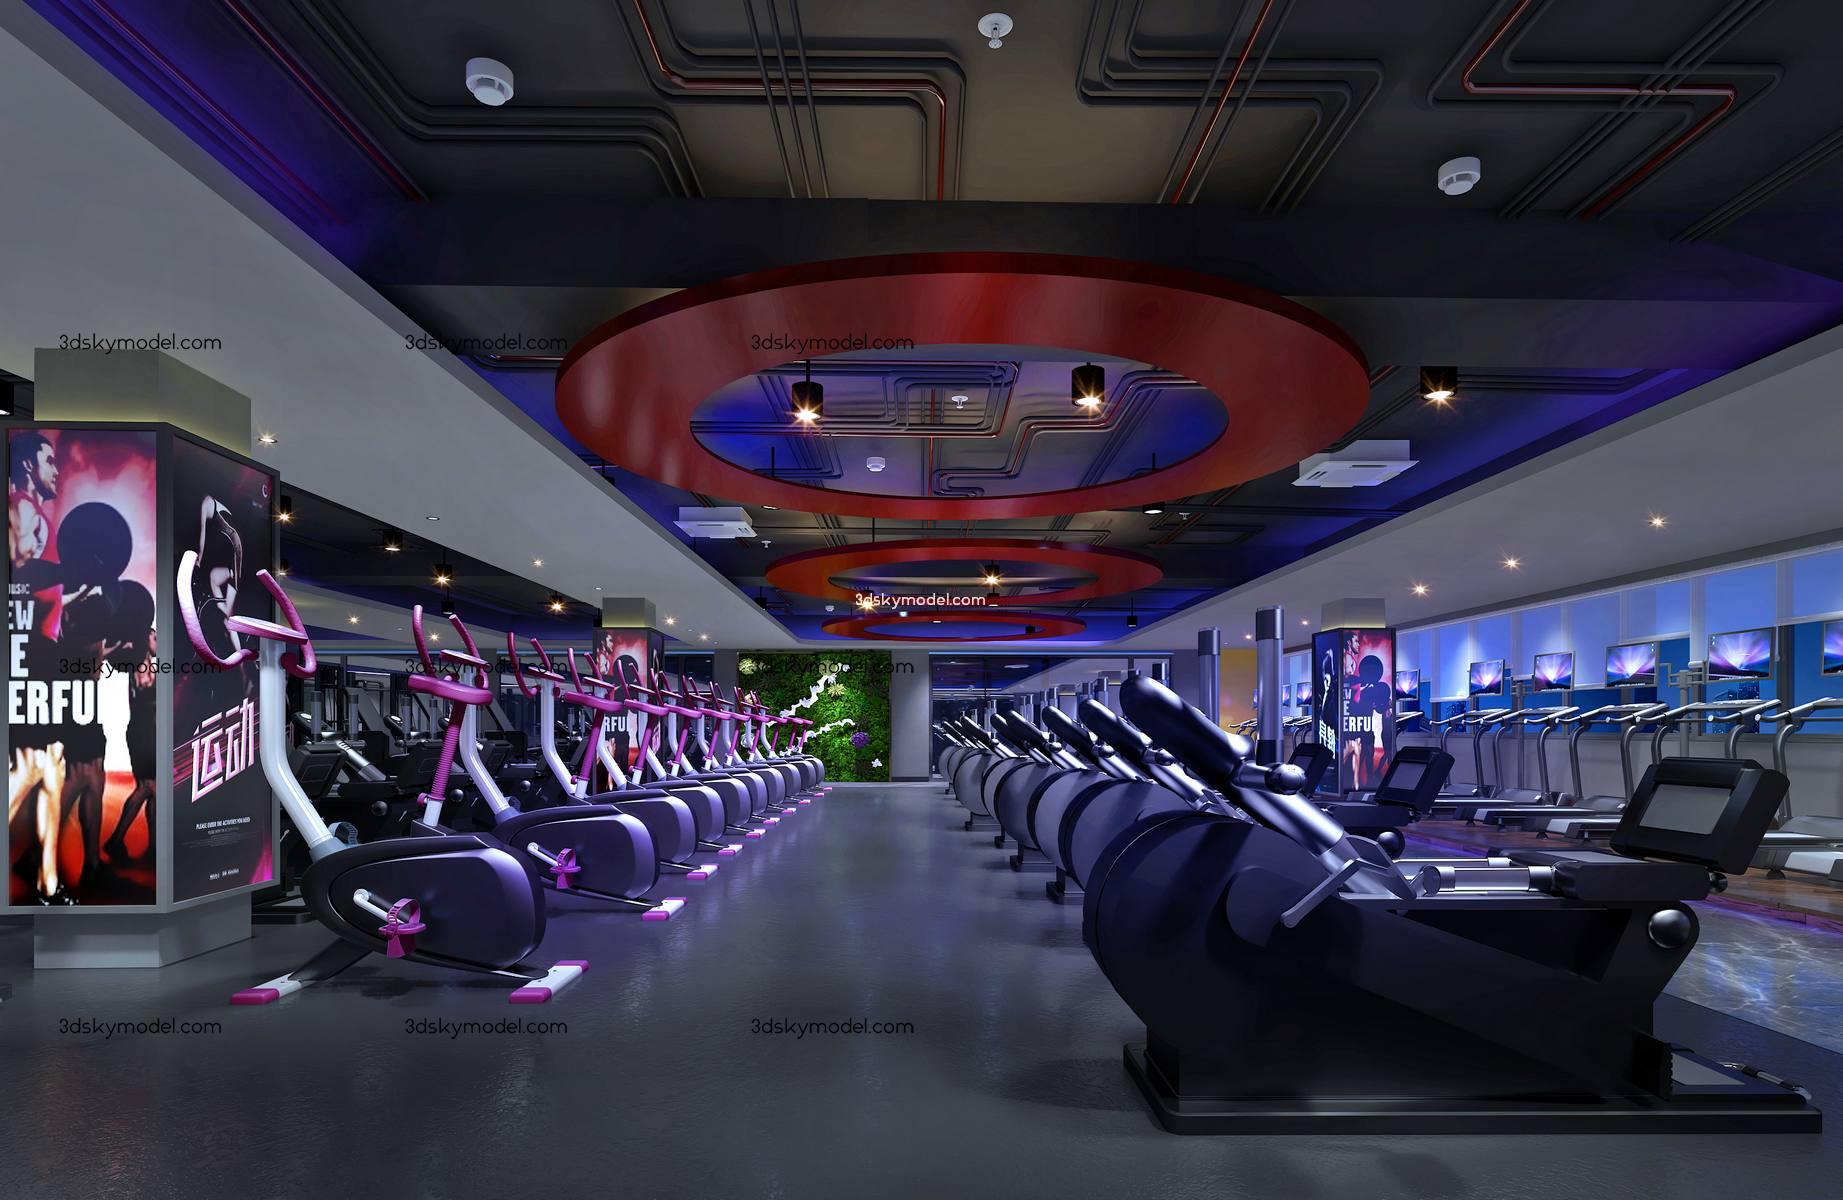 sell Gym 3dmodel 8 Phòng thể dục